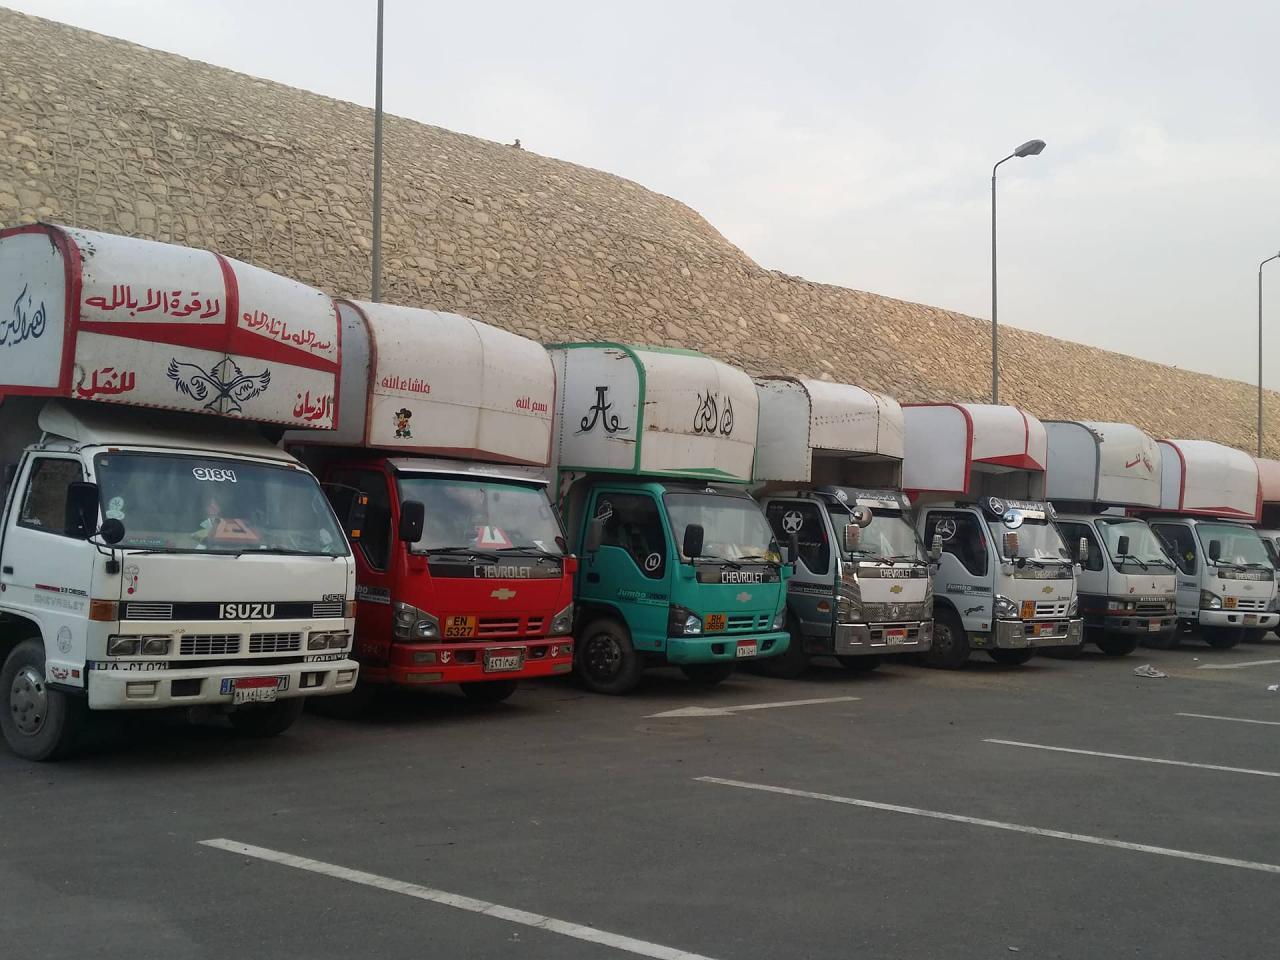 بالصور شركات نقل الاثاث , خدمات وشروط لشركات النقل والتوصيل 1146